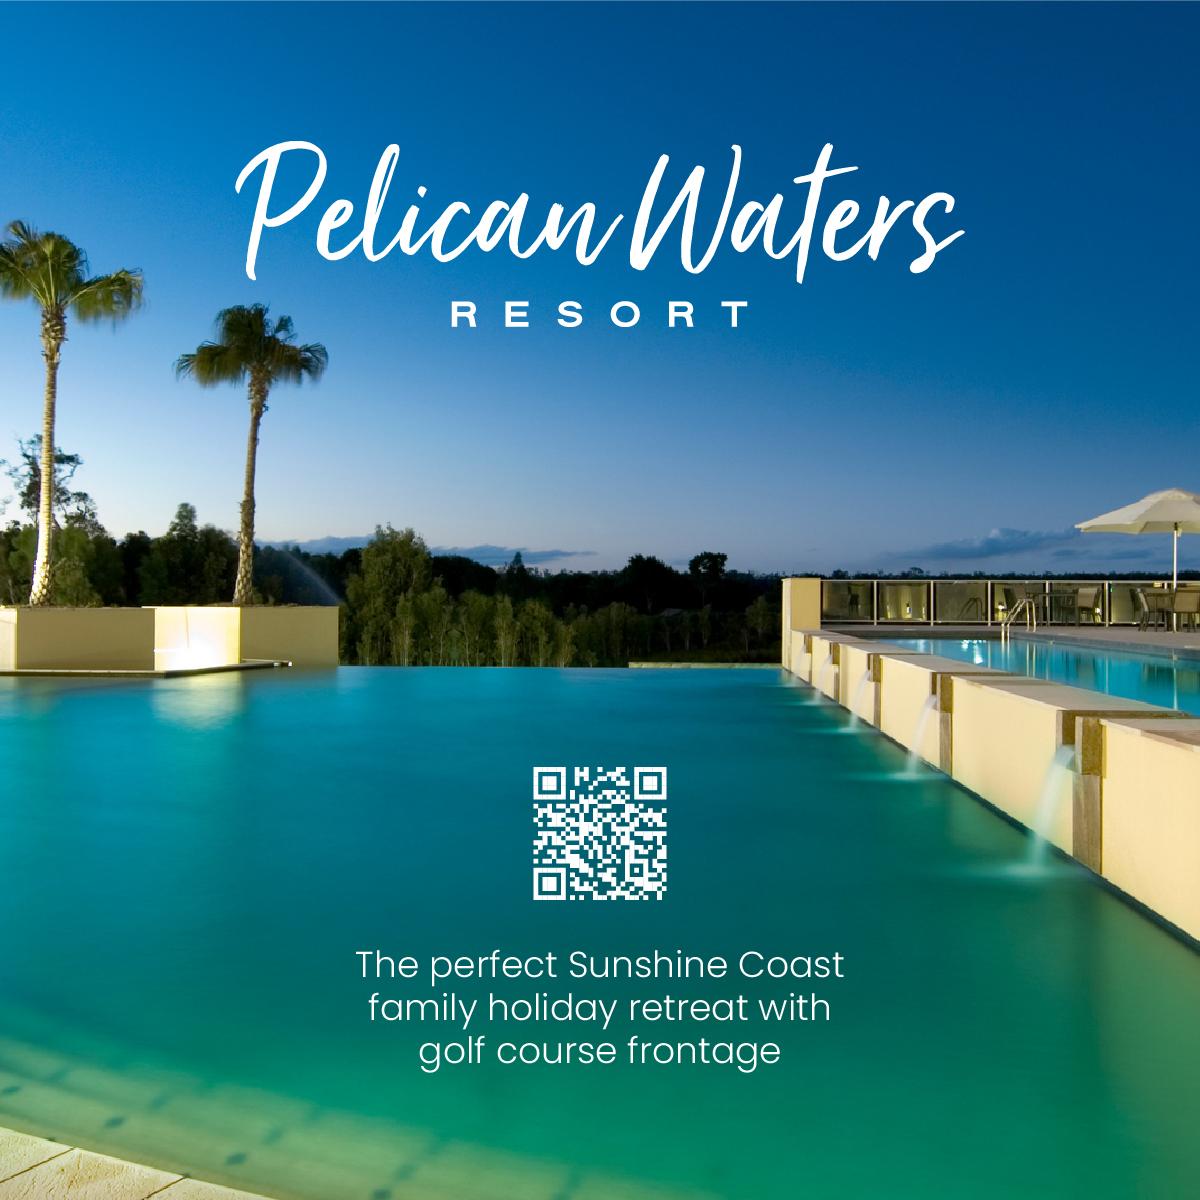 Pelican-Waters-Resort-4